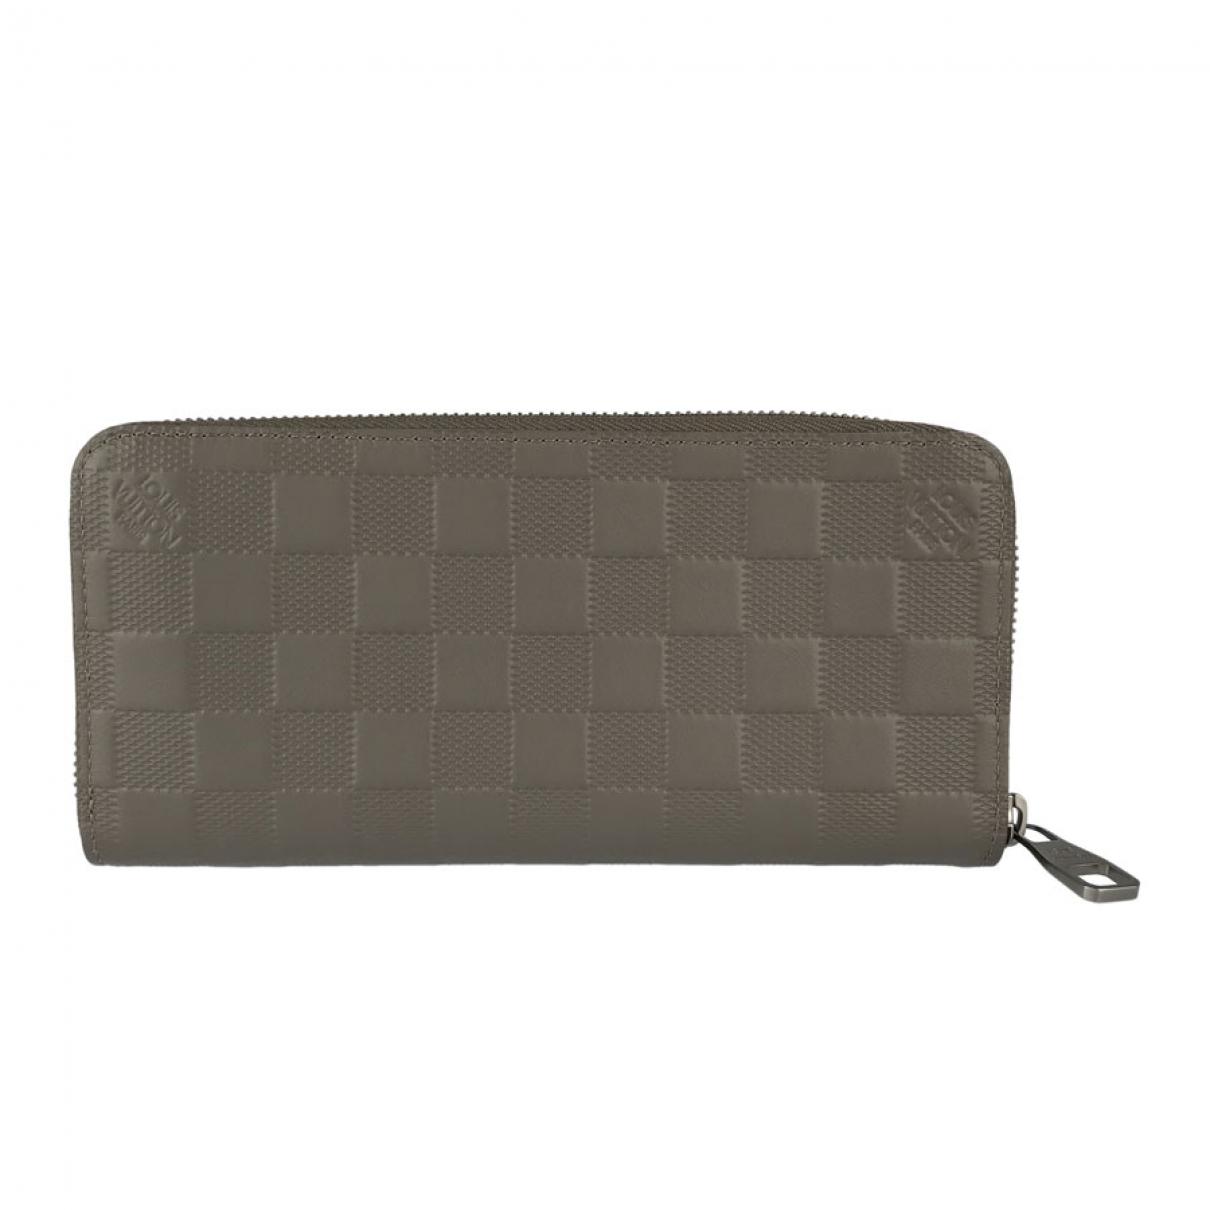 Louis Vuitton - Portefeuille Zippy pour femme en cuir - gris